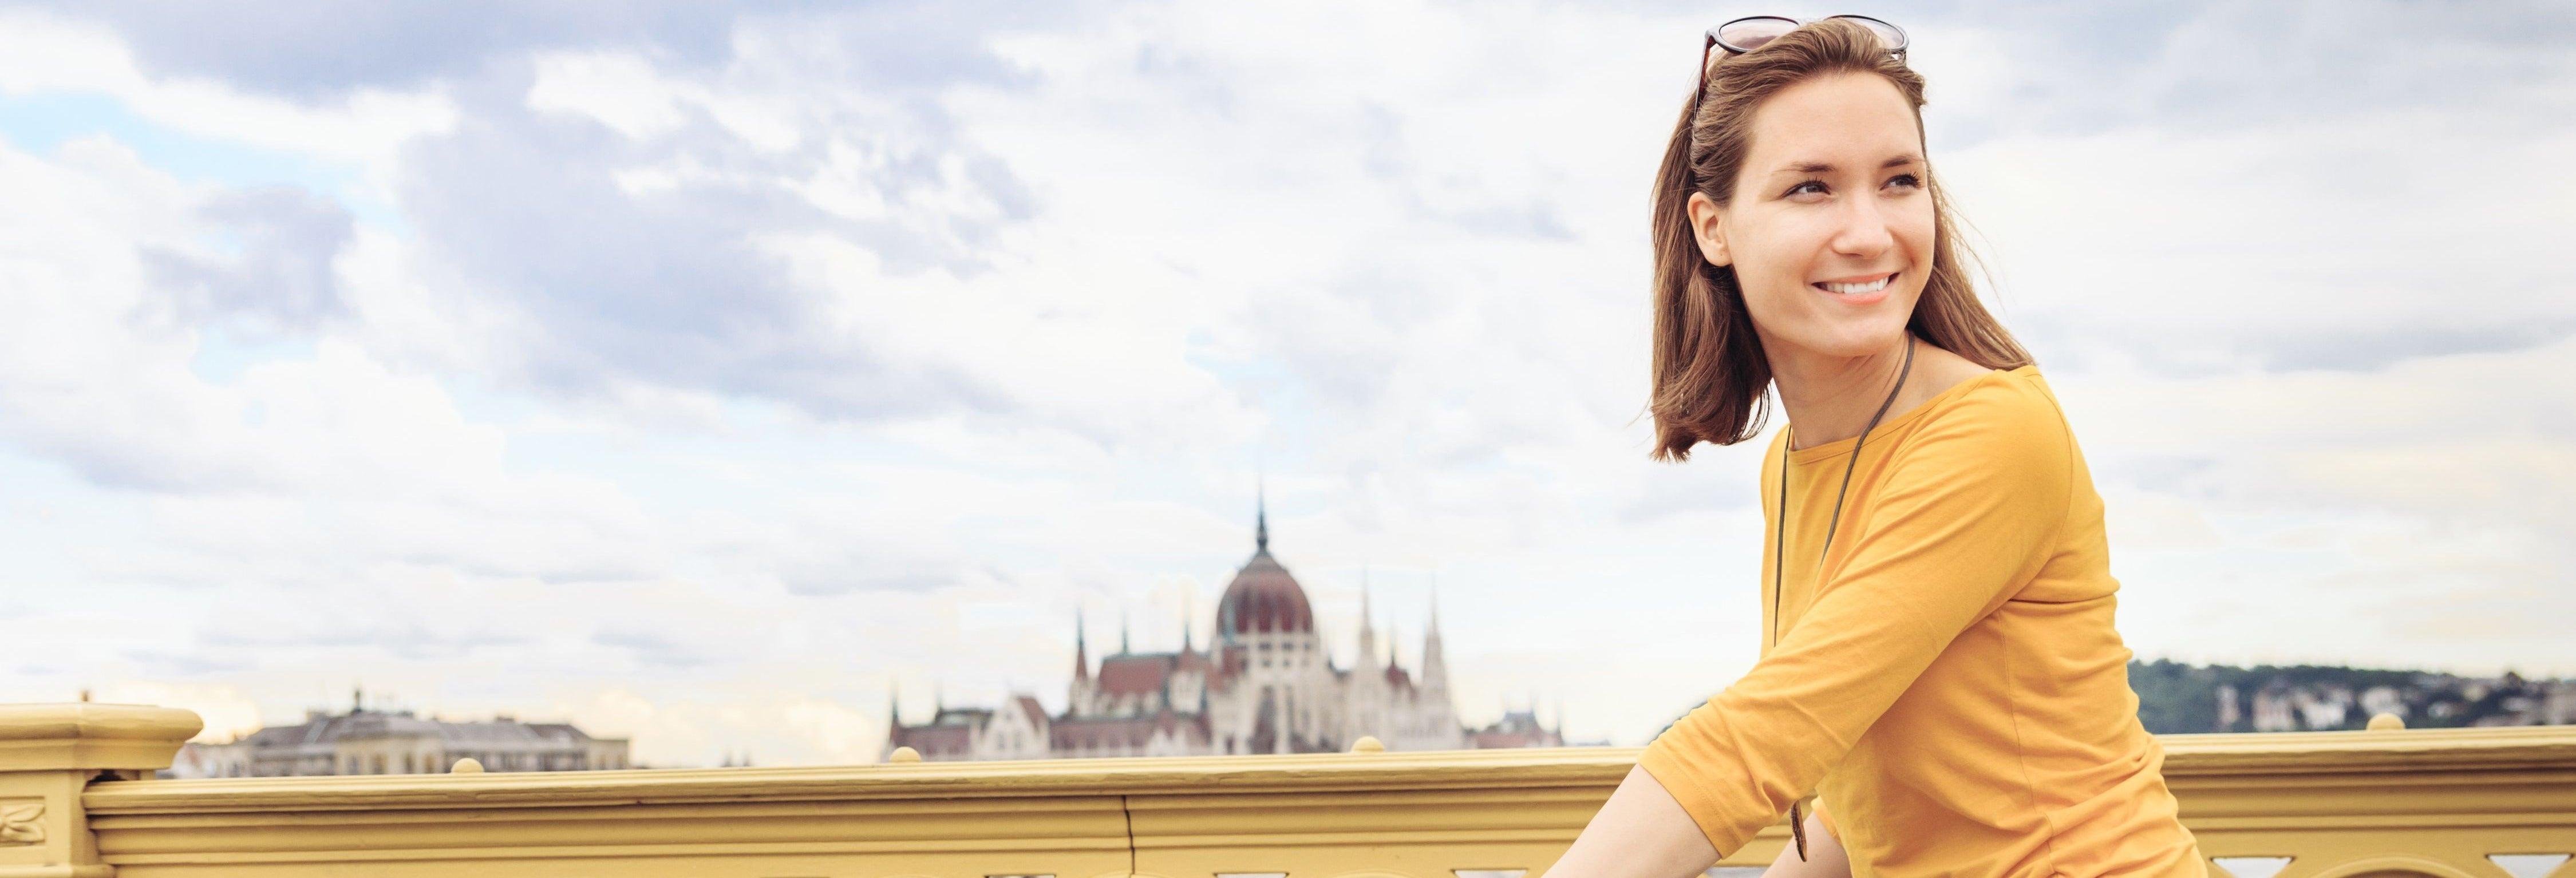 Tour de bicicleta por Budapeste